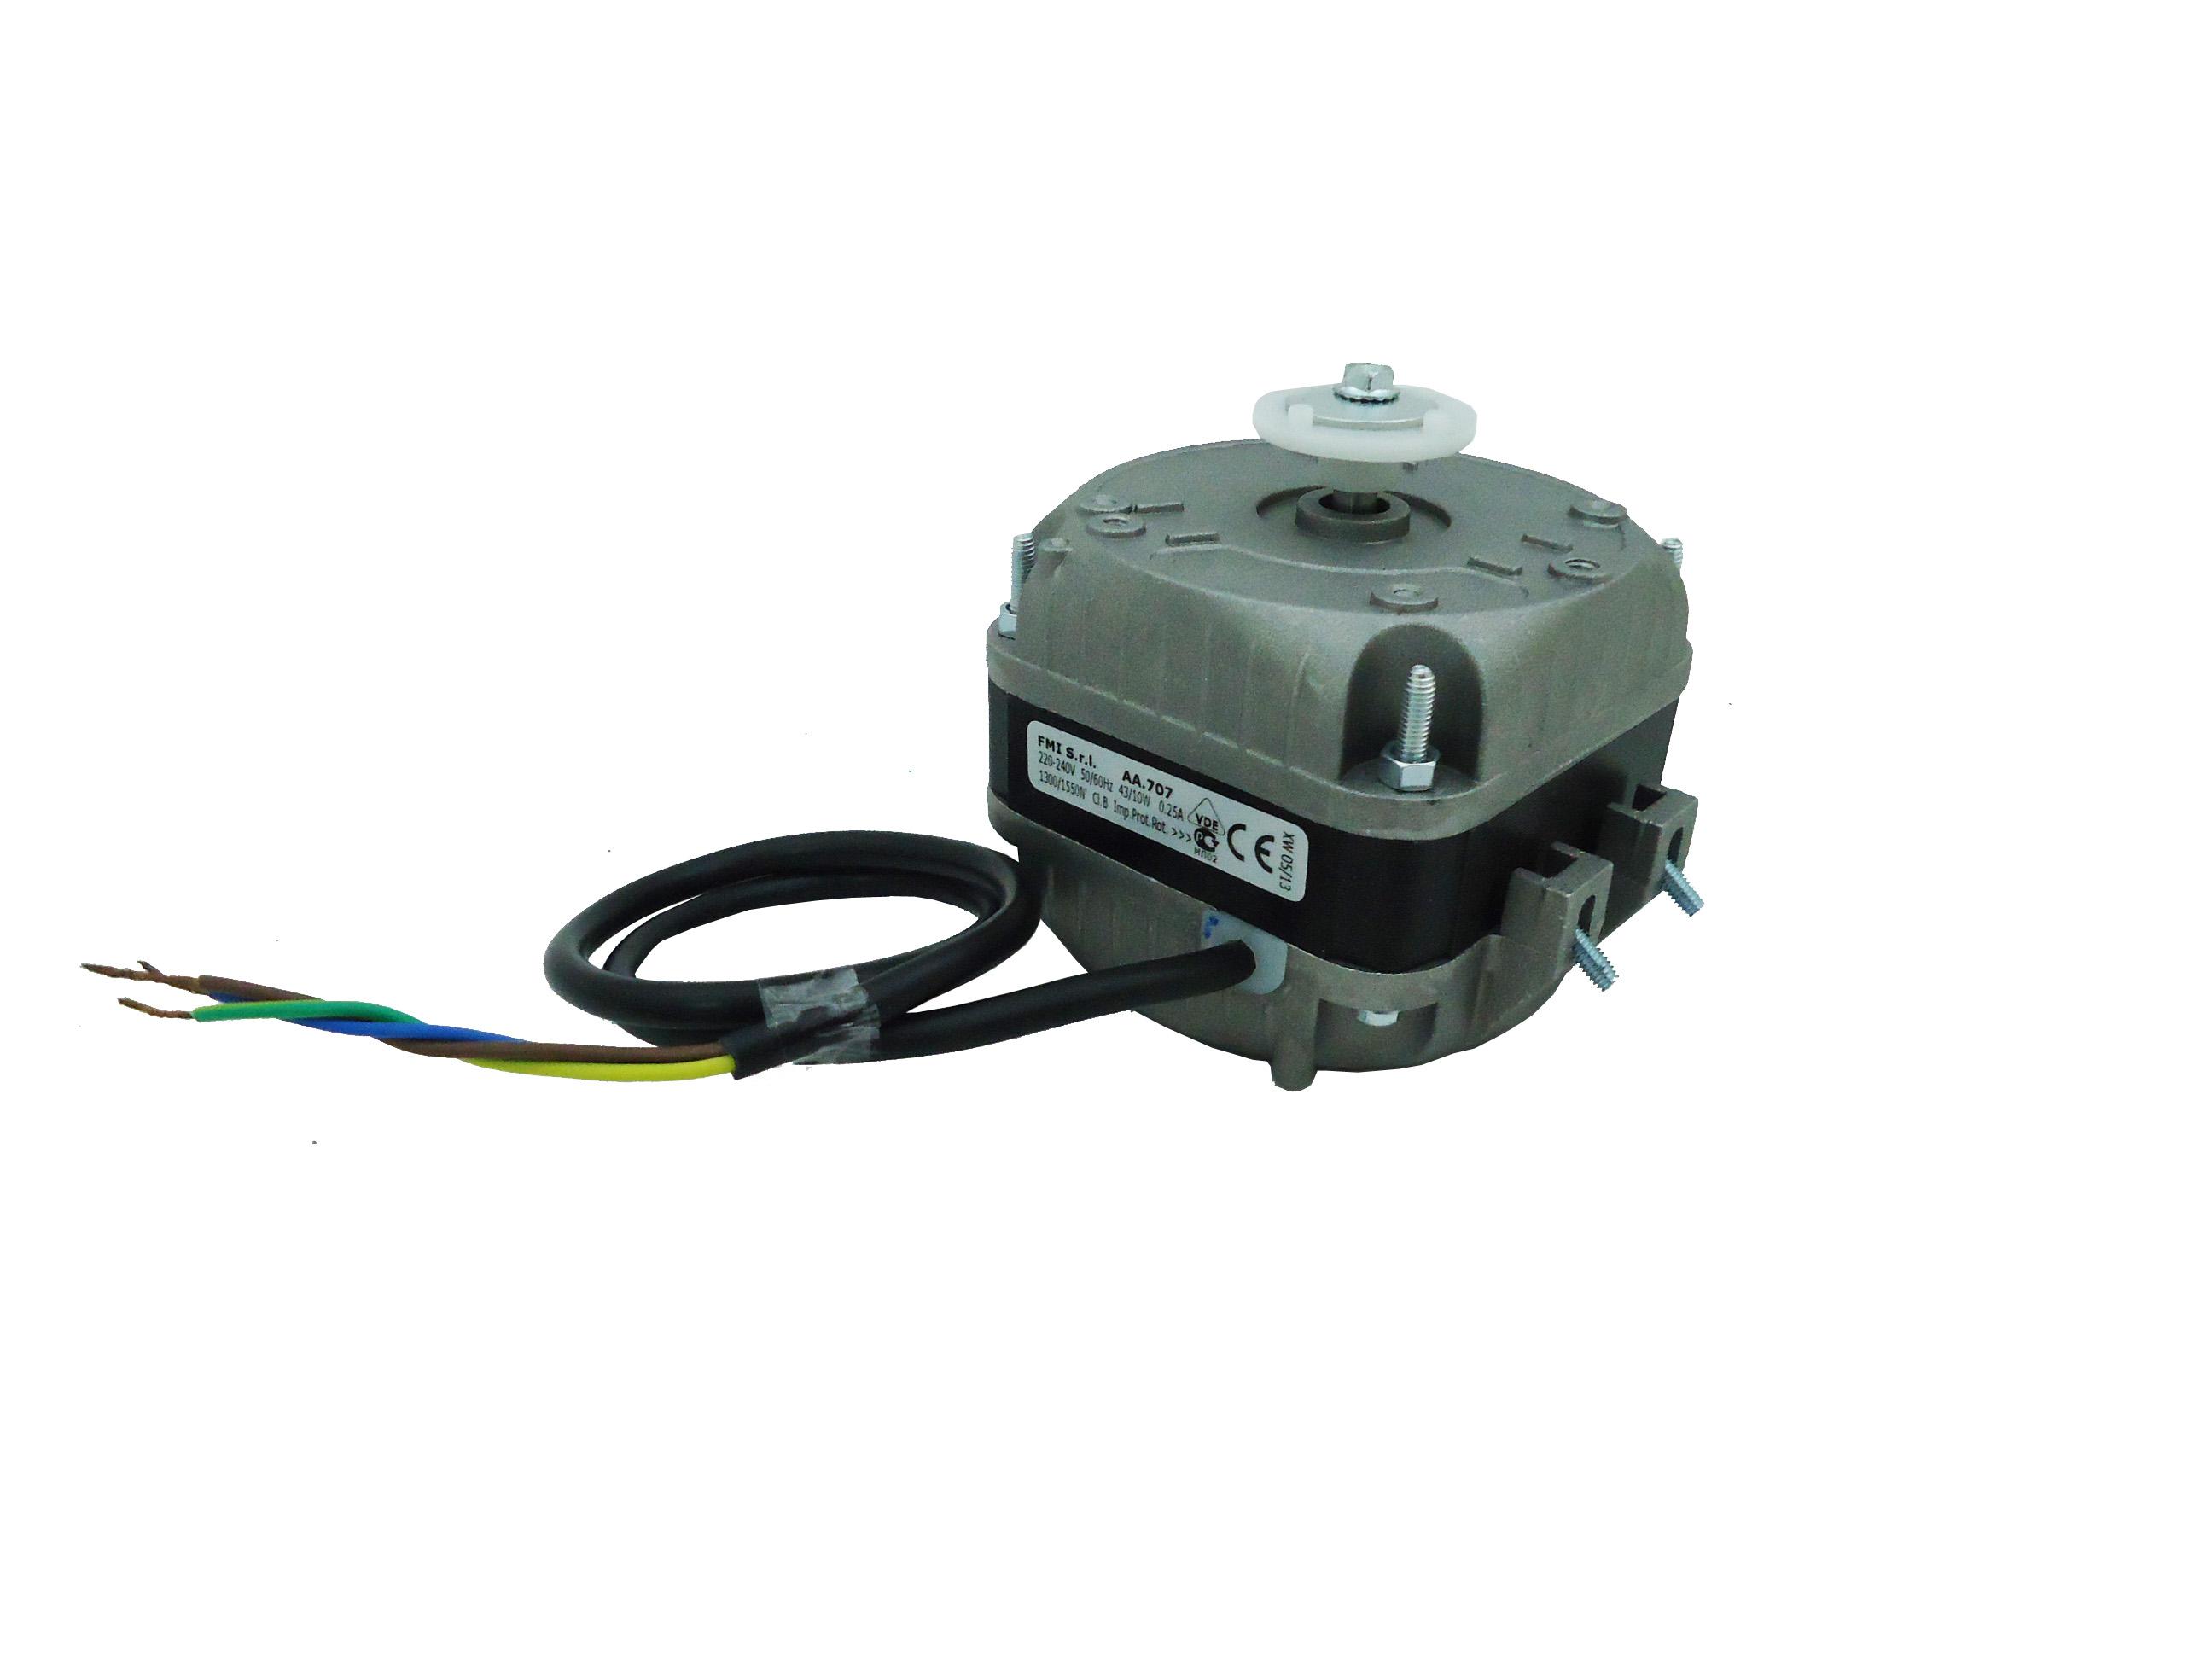 FMI (Fan Motors Italia) 10Watt Ανεμιστήρας Ψυγείων με Διπλή Βάση εξαρτήματα ψύξης   κλιματισμός   ανεμιστήρες ψυγείων  εξαρτήματα ψύξης   κλιματι